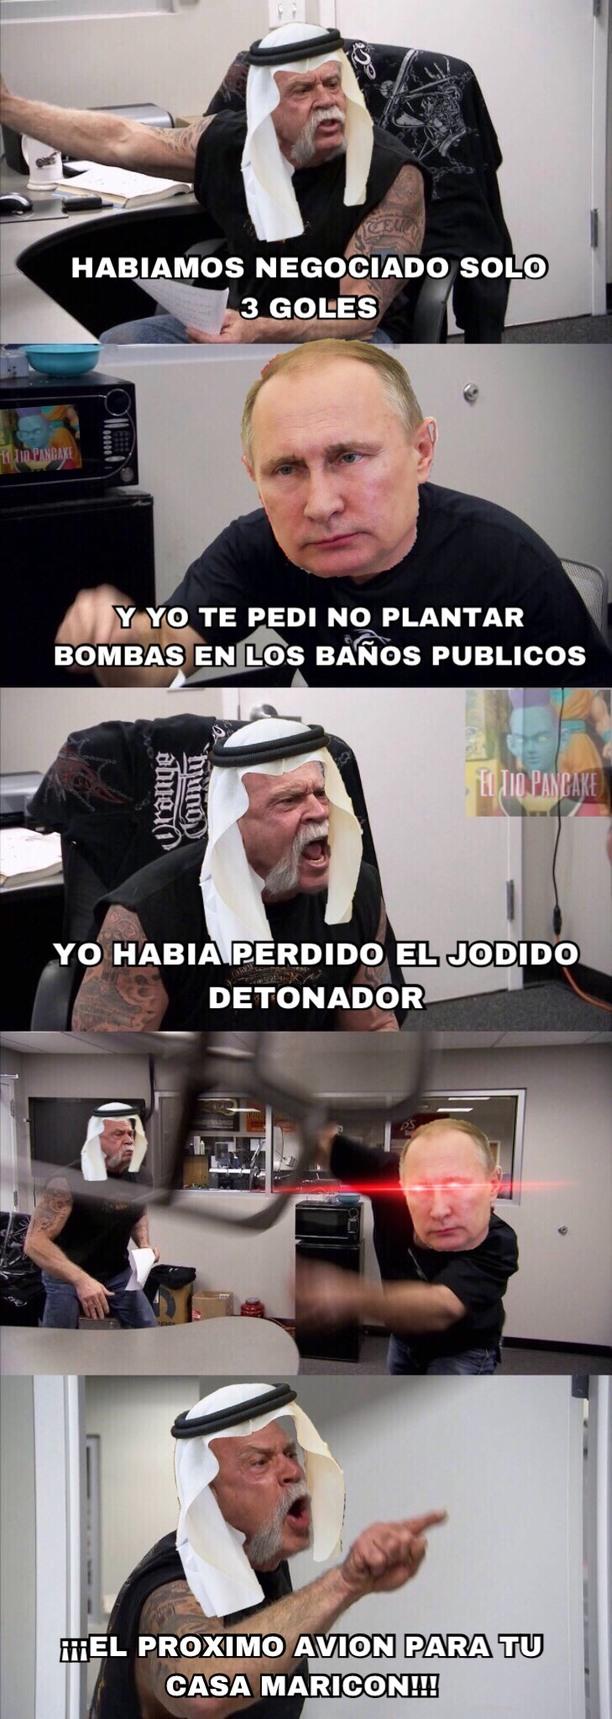 Rusia 5  -  0 Arabia - meme